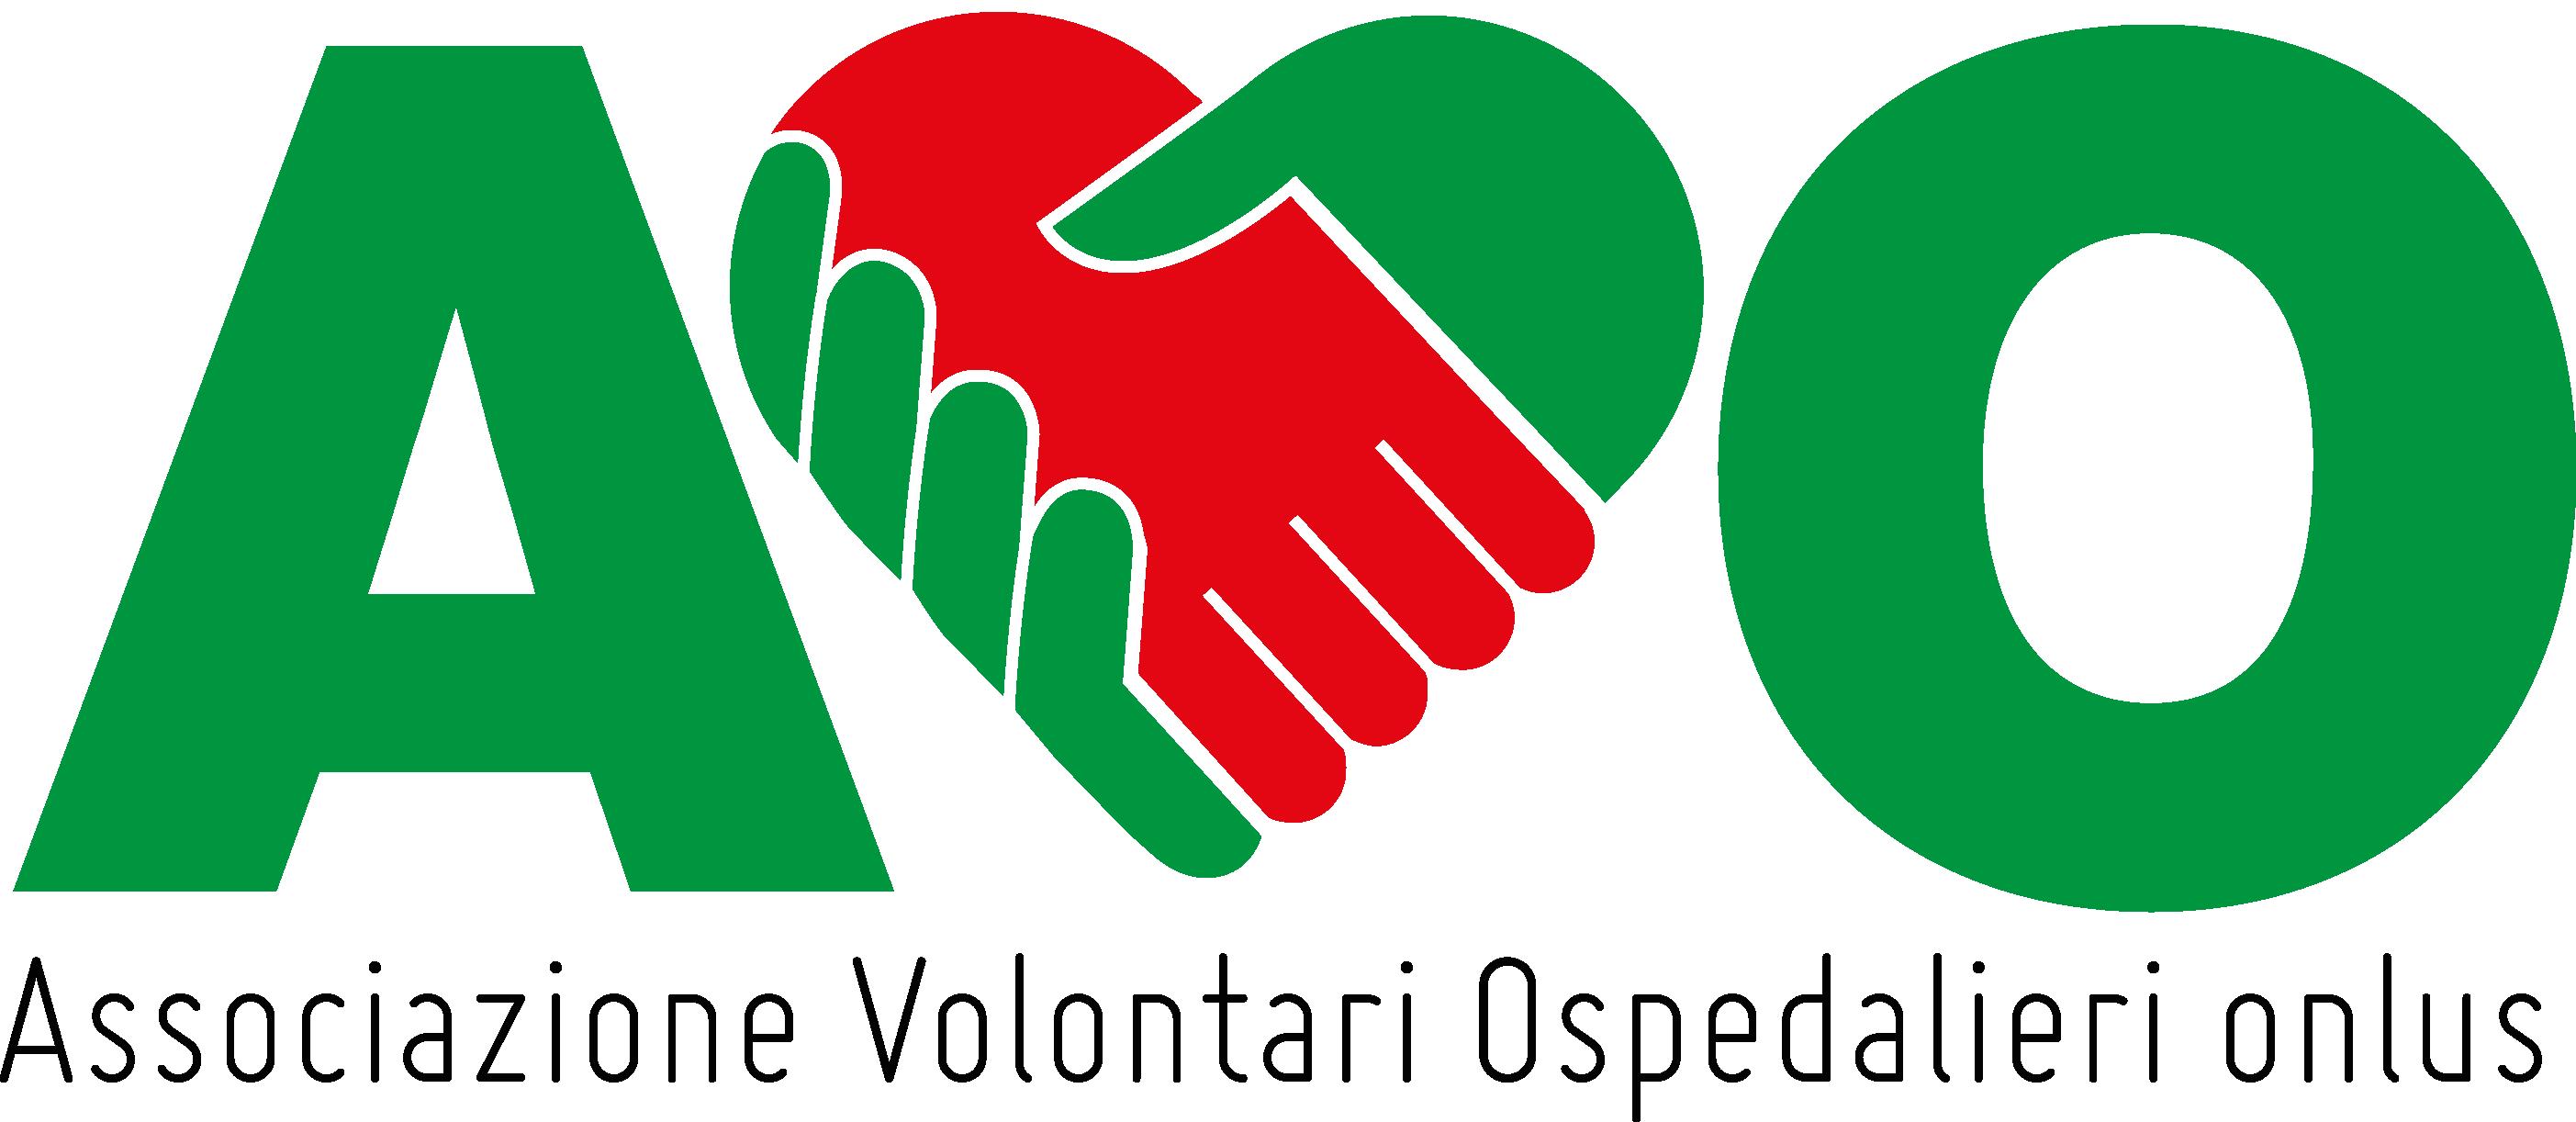 La Tenacia Formativa Dell'AVO: Un Corso Per Diventare Volontari Ospedalieri